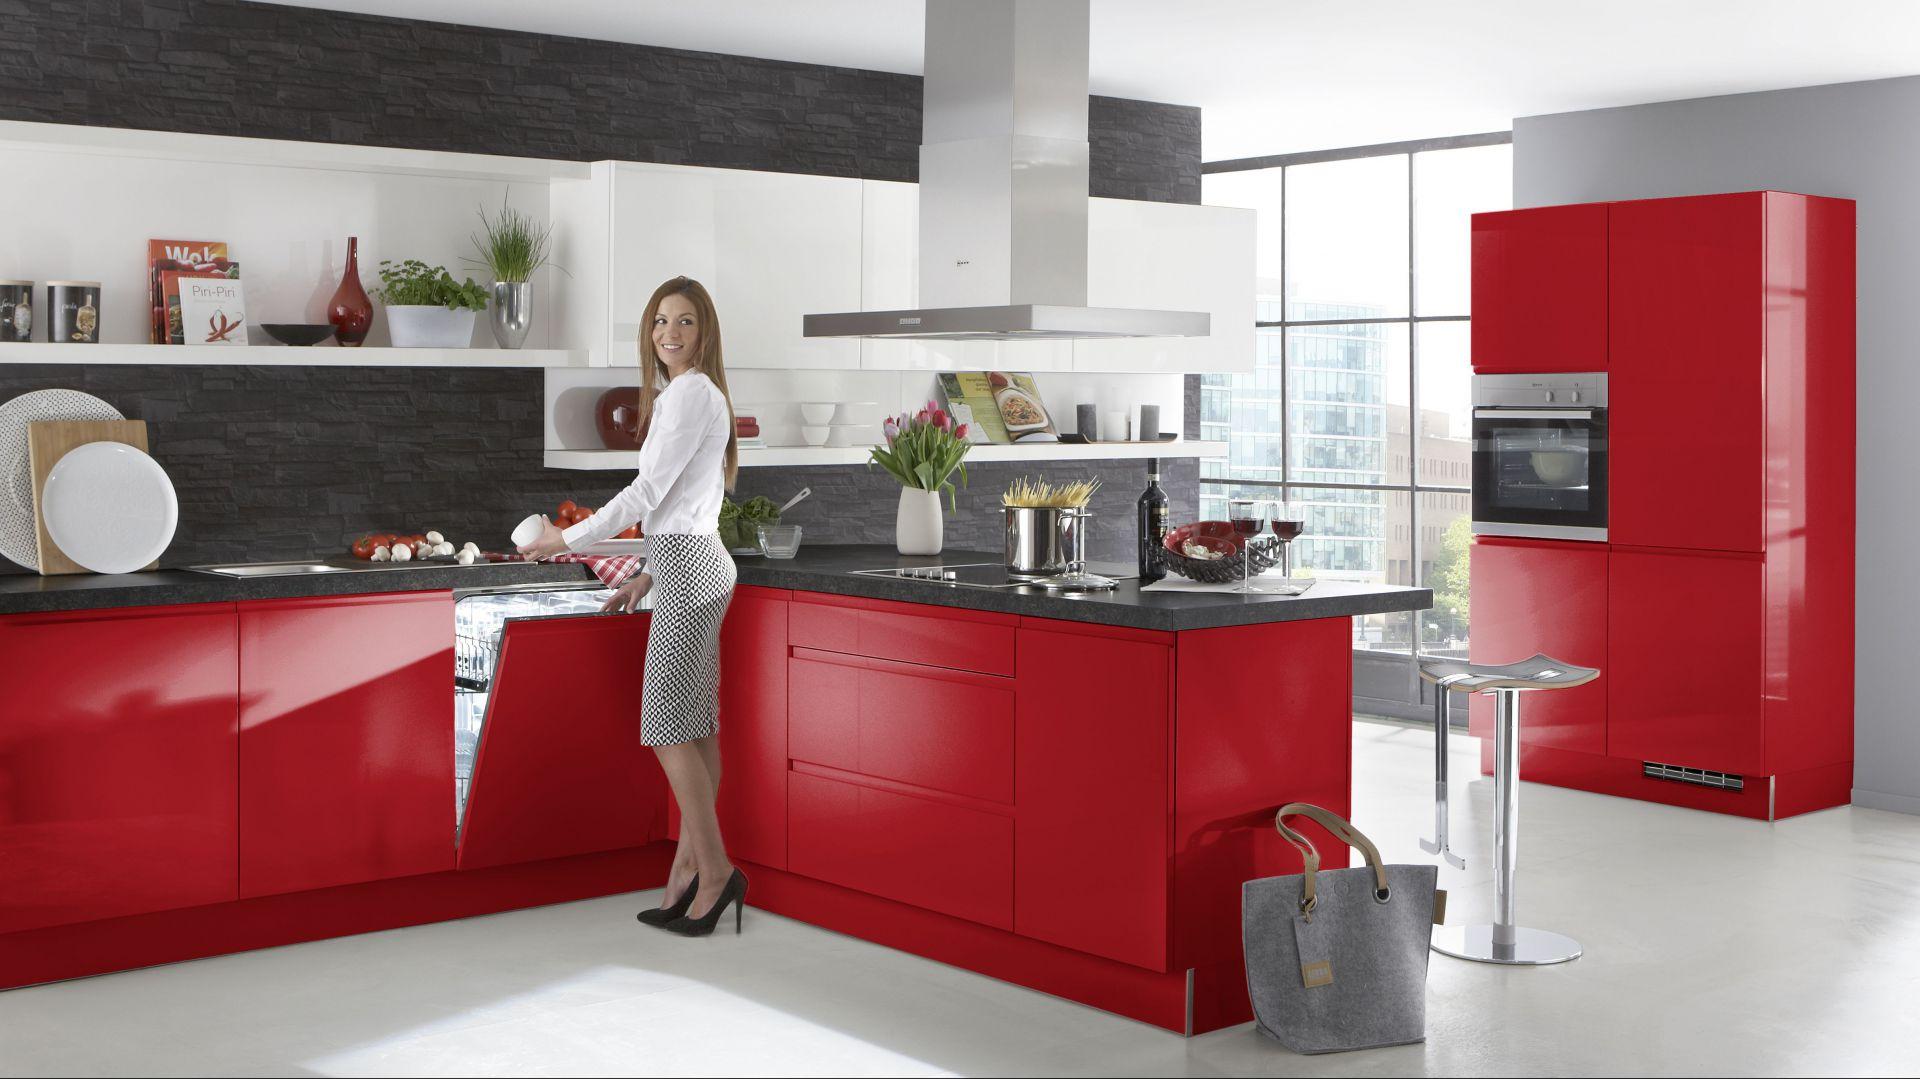 Nowoczesne meble kuchenne Alpha Lack 55R zfrontami wykończonymi wwysokim połysku. Intensywna czerwień doskonale kontrastuje z bielą górnej zabudowy i kolorem szarym zastosowanym na ścianach. Szafki otwierają się bezuchytowo. Wycena indywidualna, Nolte Küechen.